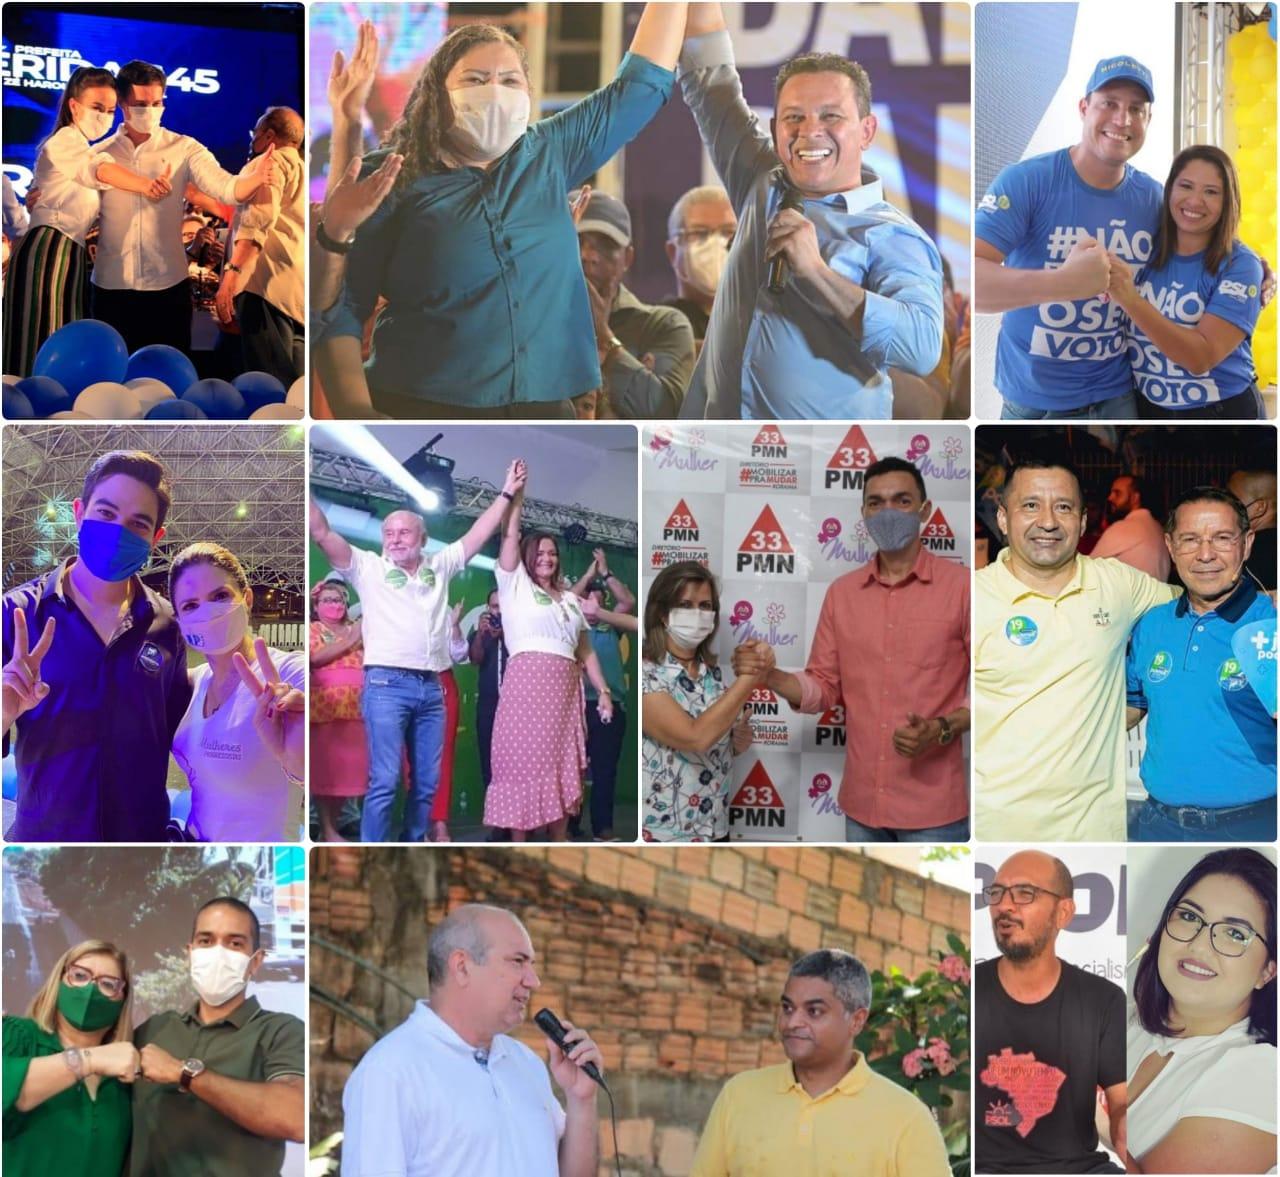 ELEIÇÕES 2020 <br/> Após convenções, 10 candidatos permanecem na disputa pela Prefeitura de Boa Vista